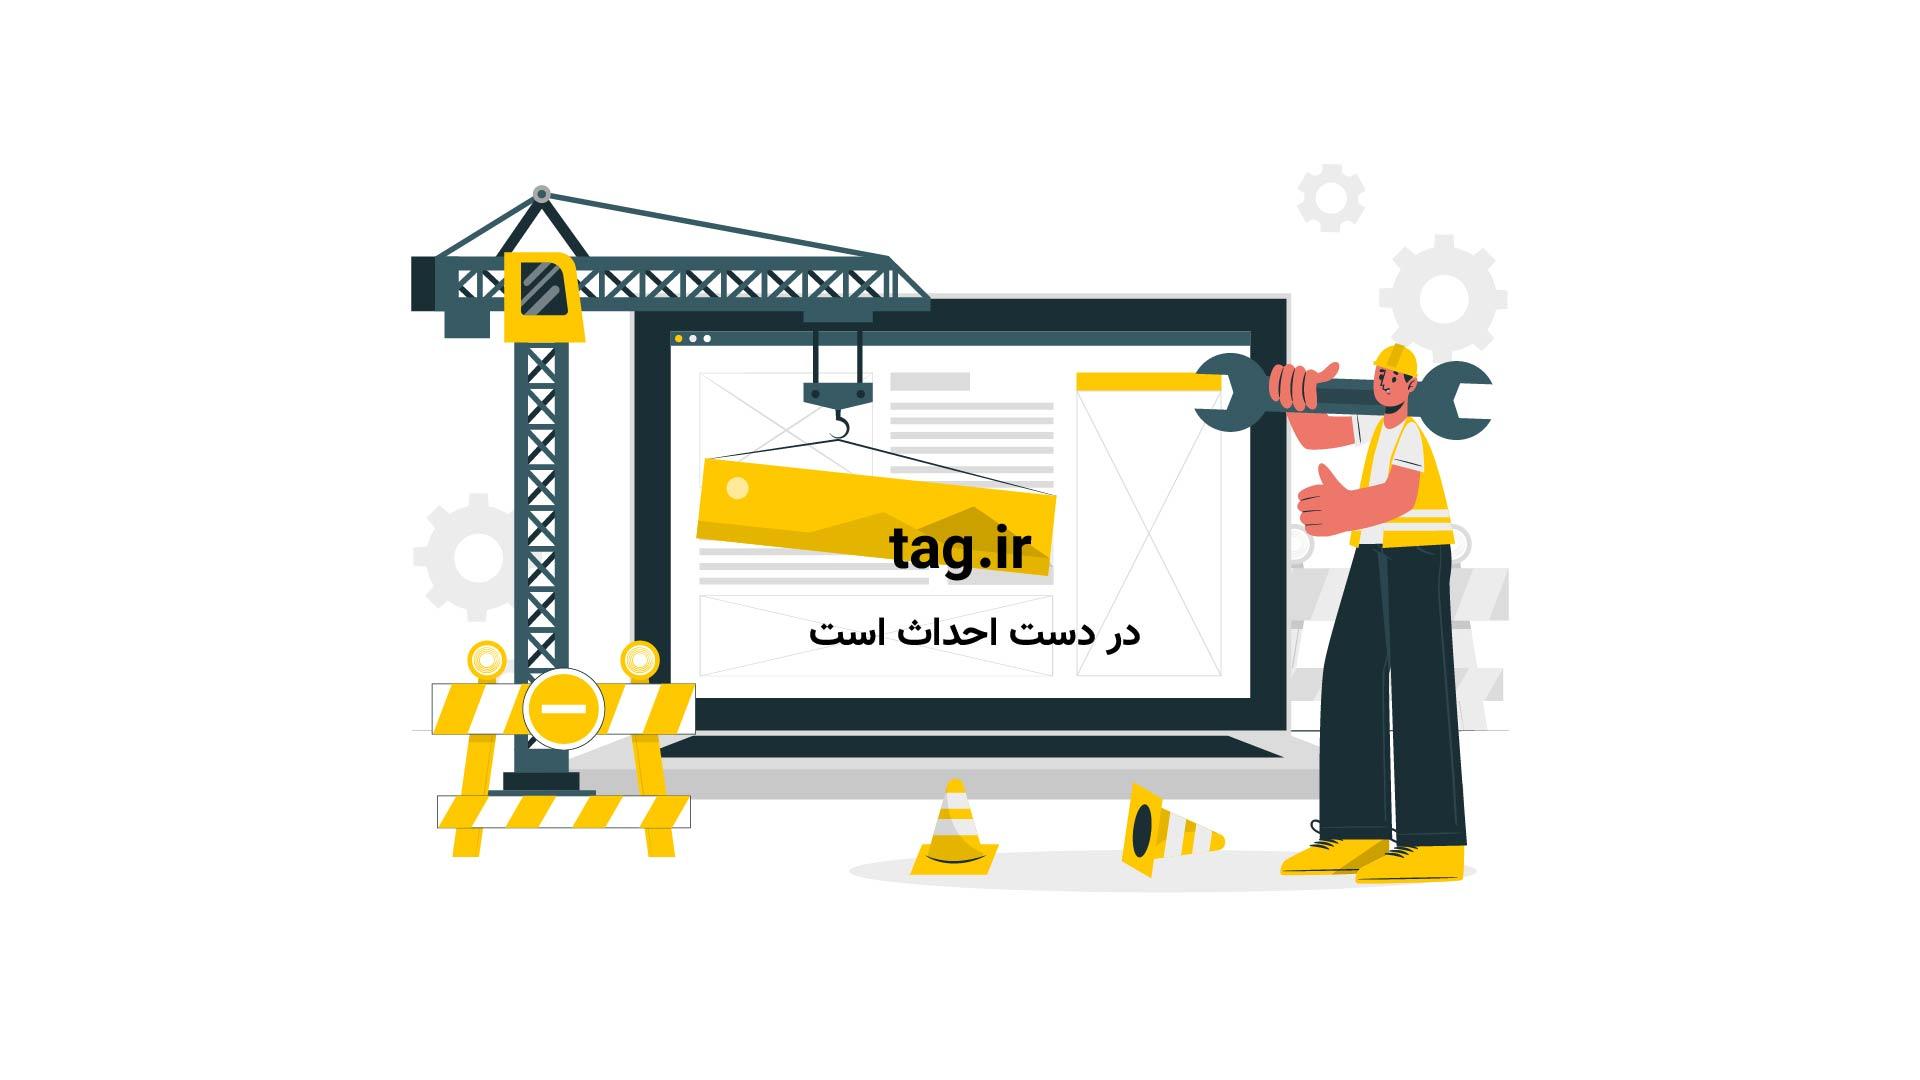 ادا بازی خوابیده محمد معتضدی برای عبور از آتش | فیلم